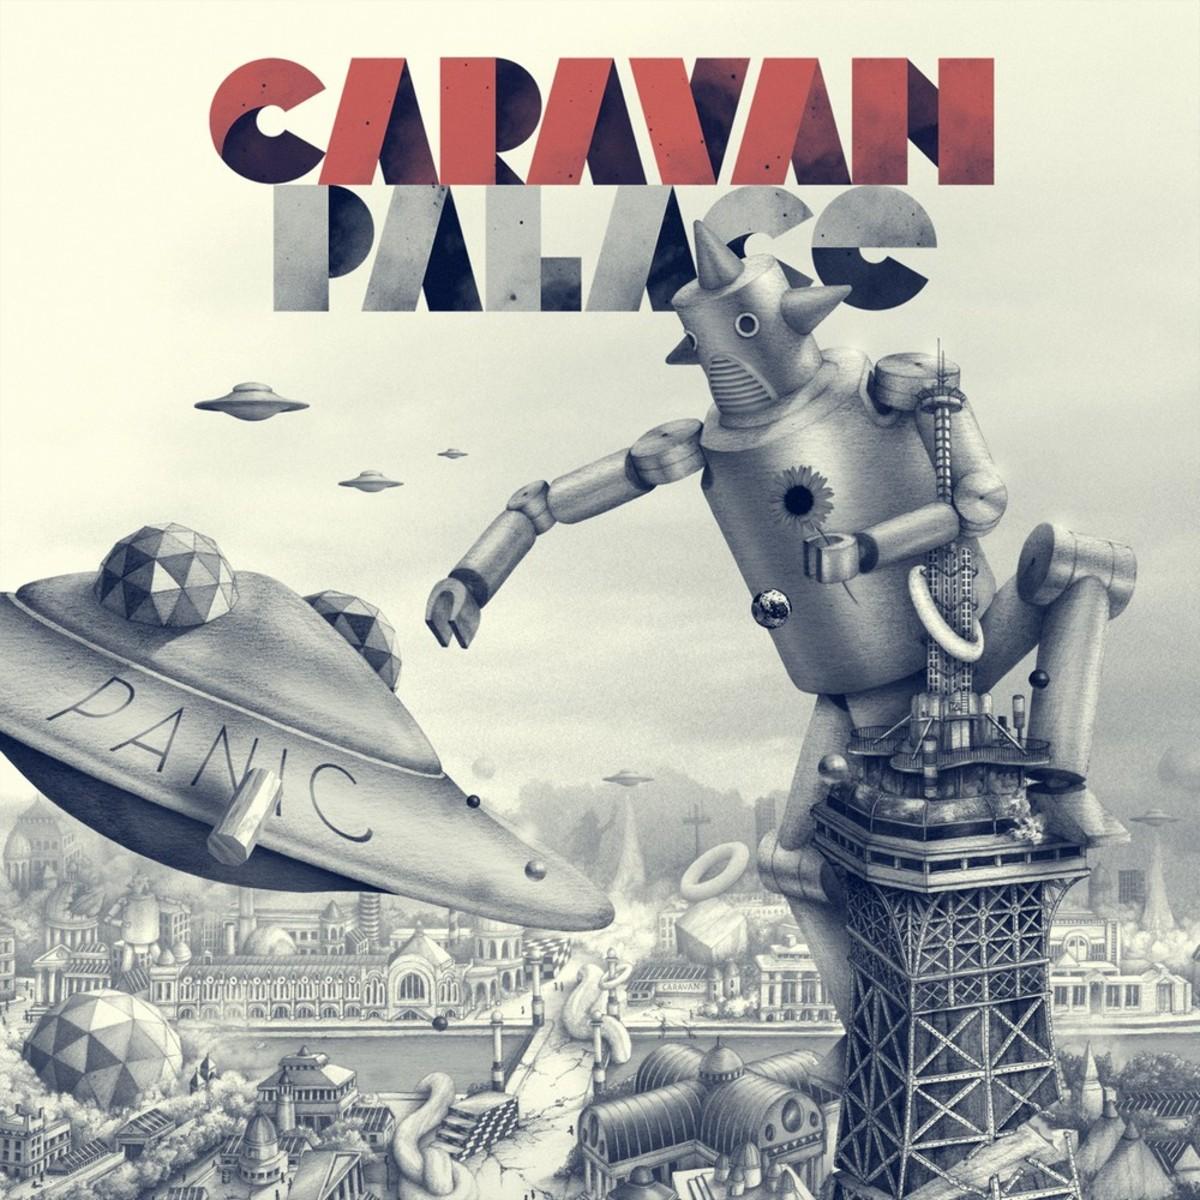 caravan palace - 14  06  2014 - puget-sur-argens